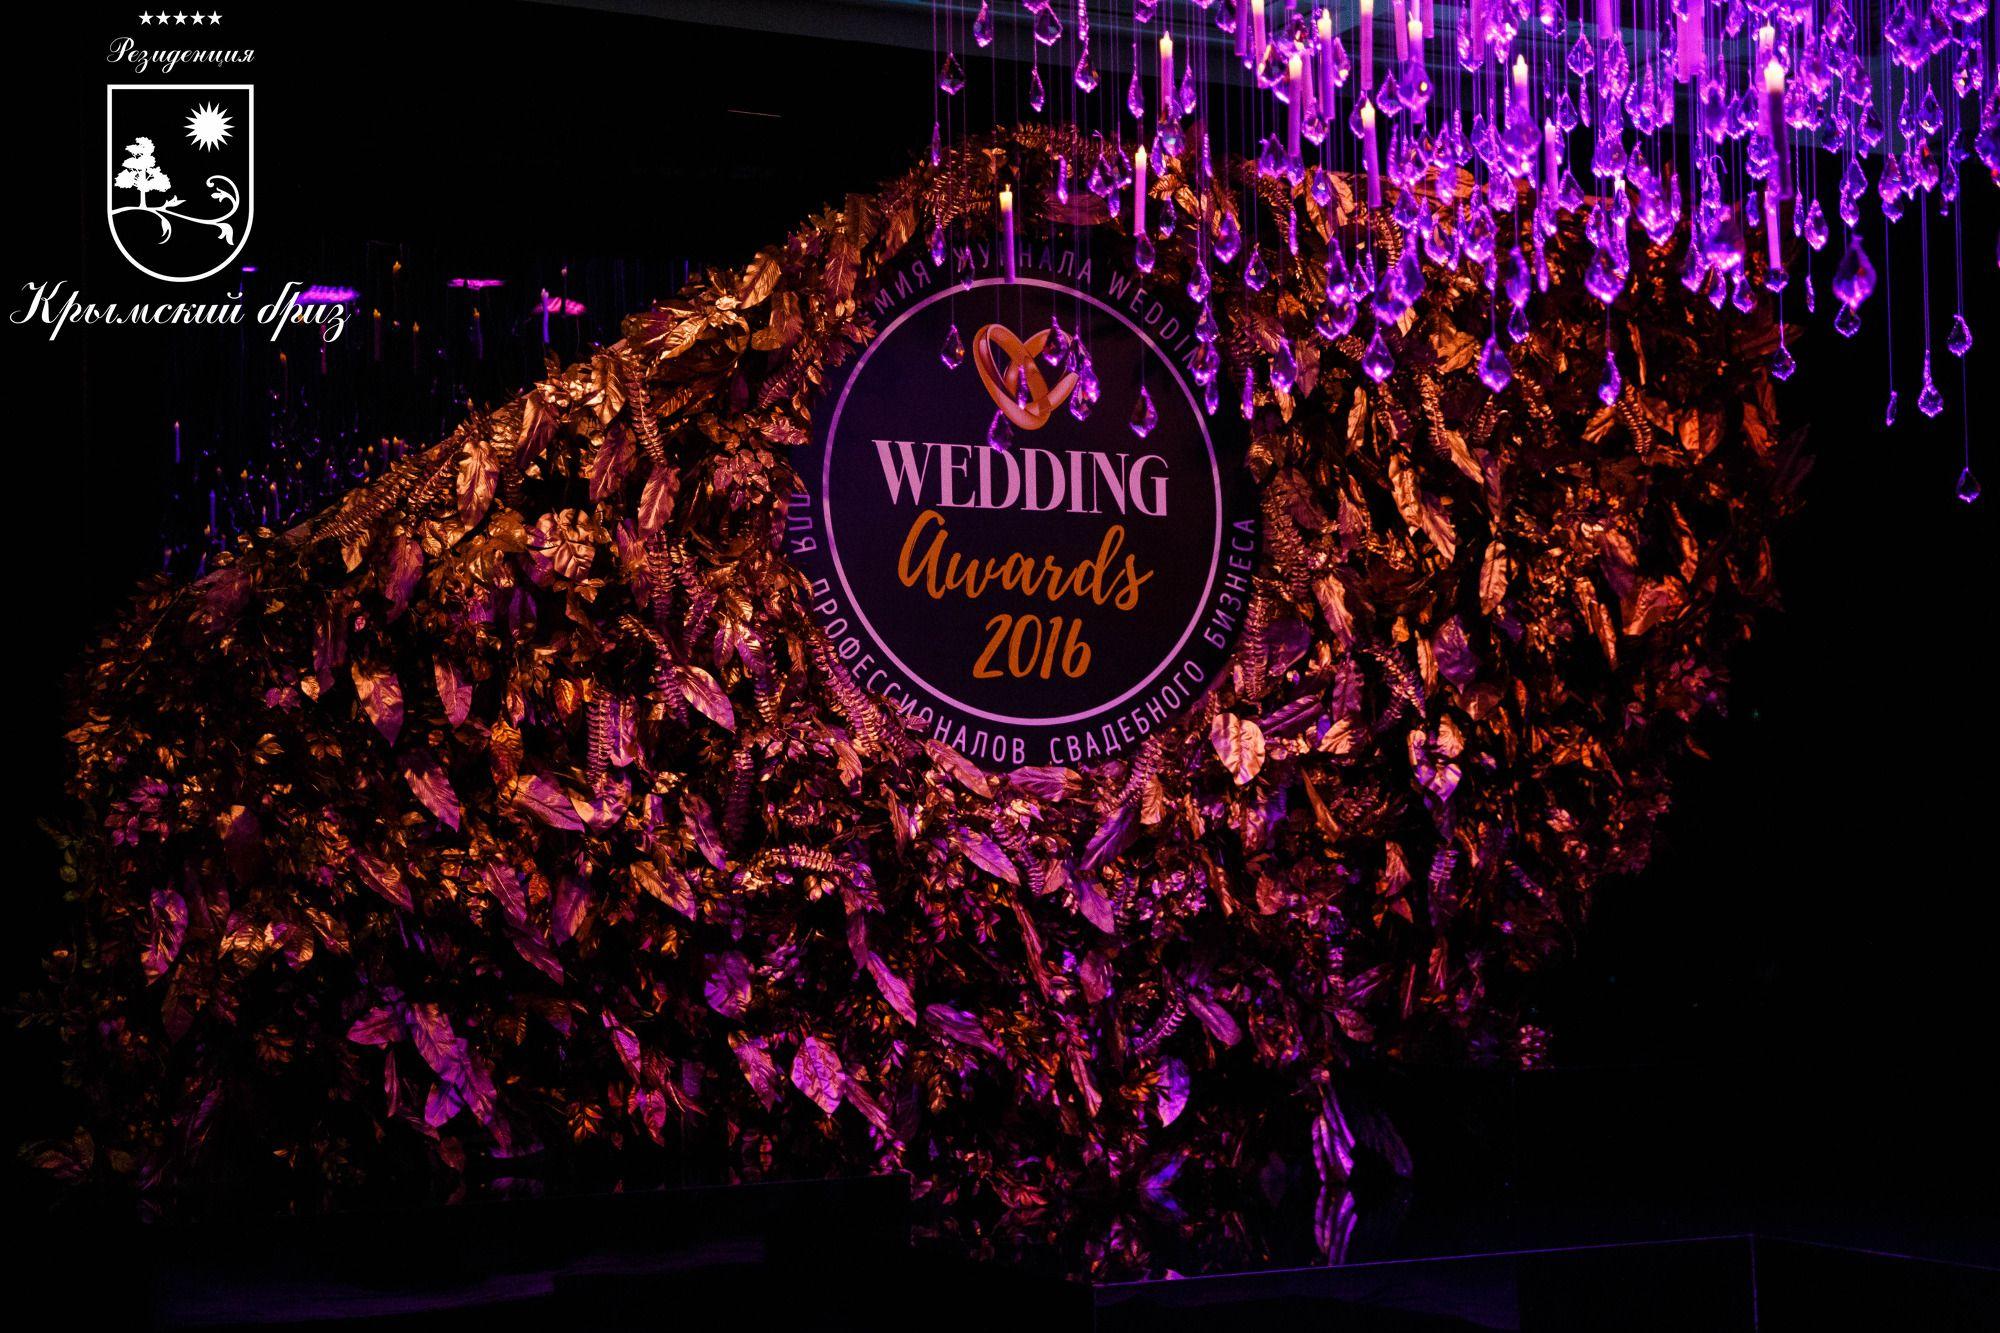 ПРЕМИЯ Wedding Awards 2016 - ЛУЧШИЙ ОТЕЛЬ ДЛЯ МЕДОВОГО МЕСЯЦА В РОССИИ! | Резиденция Крымский Бриз